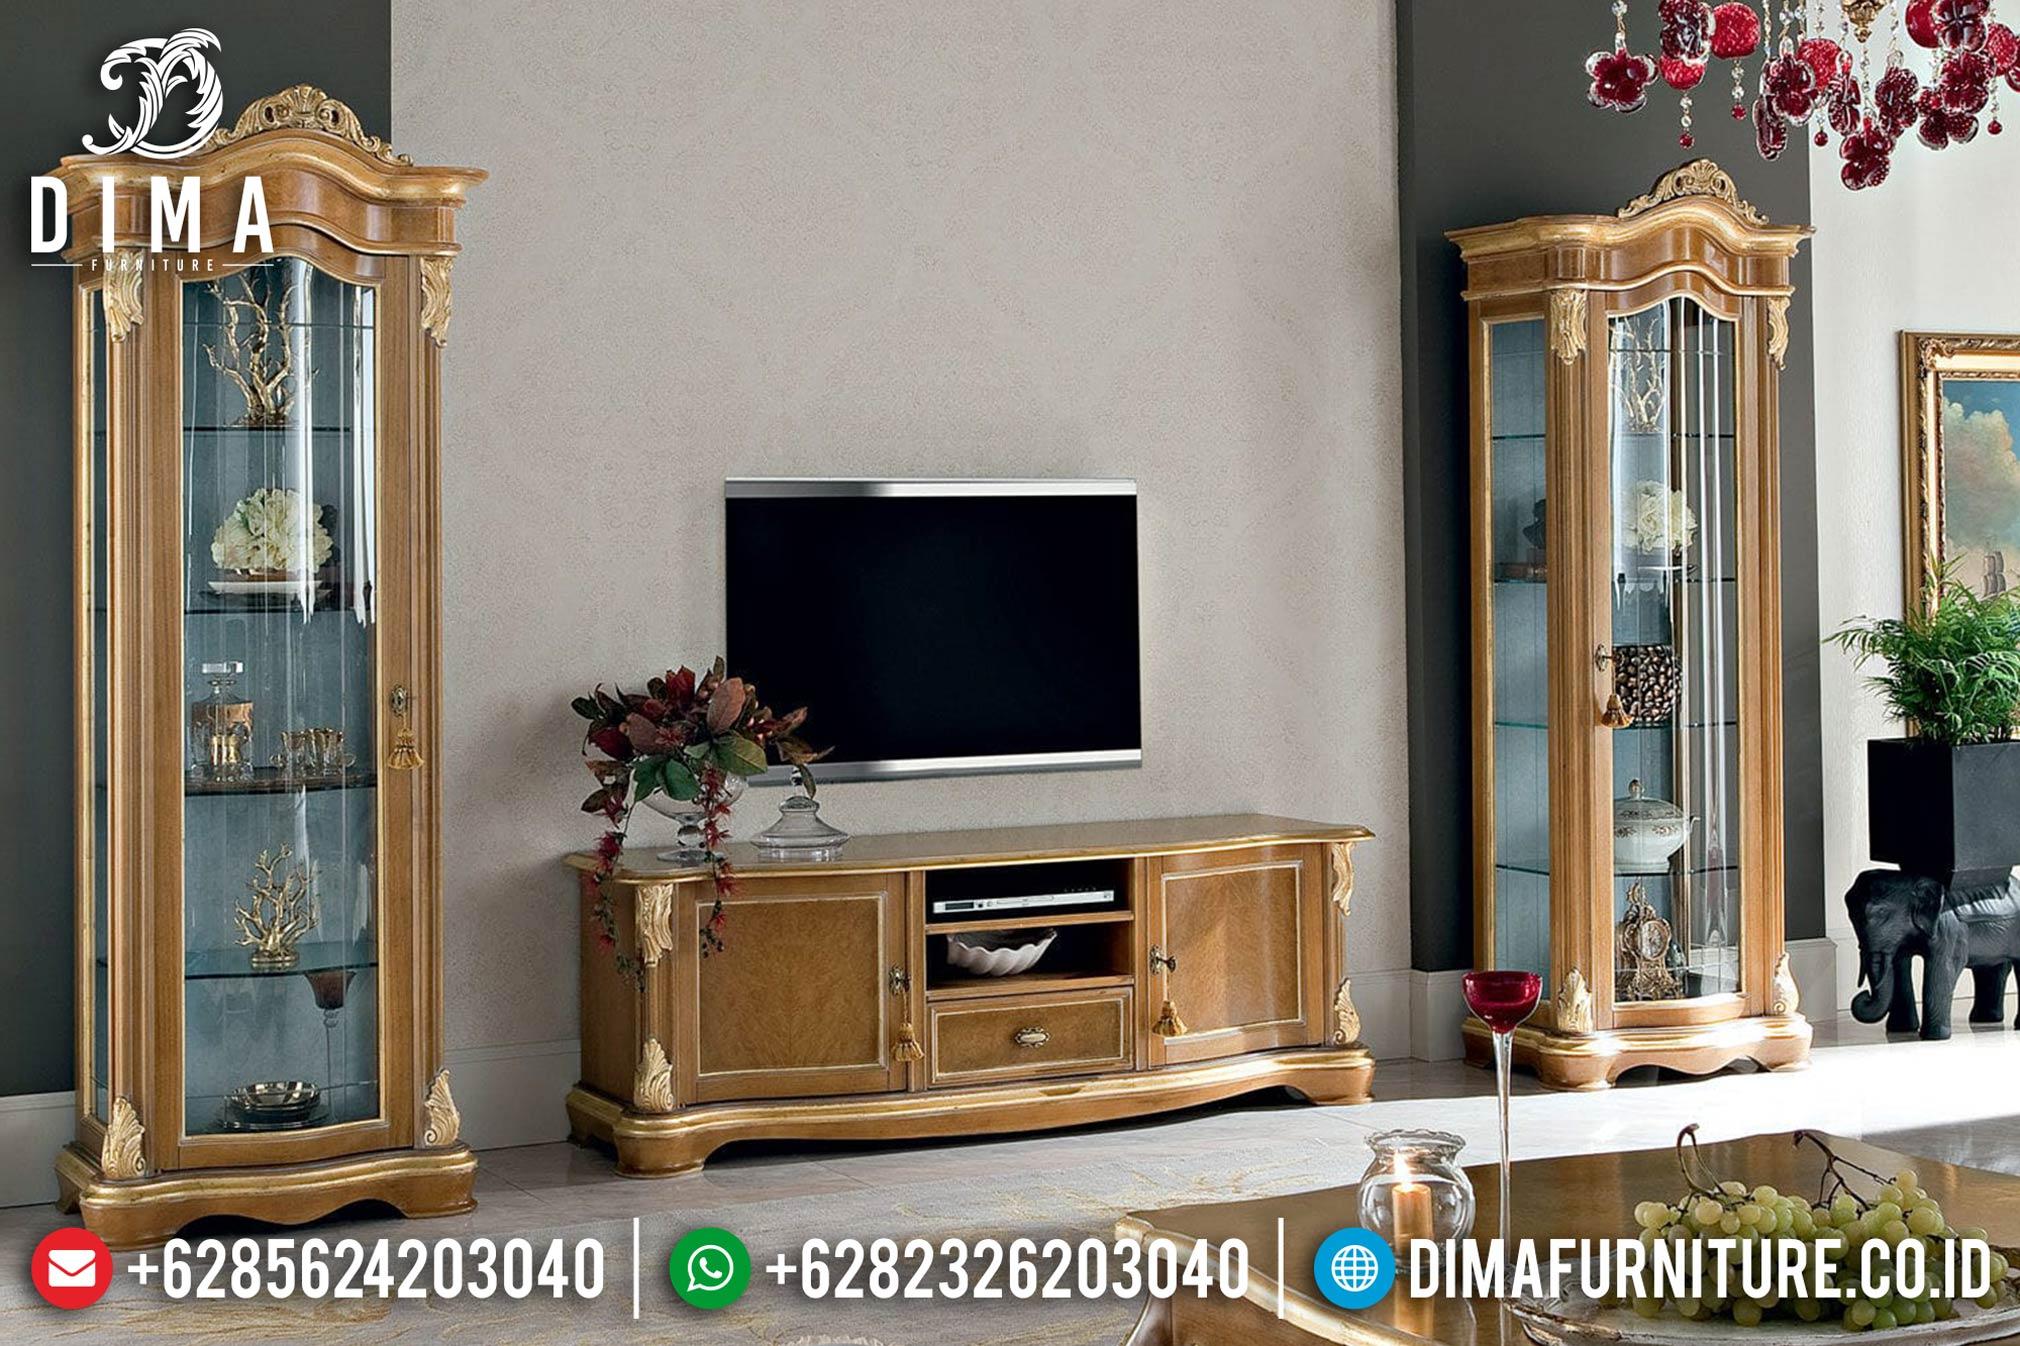 Bufet TV Minimalis Jati Jepara Lemari Hias Mewah Terbaru DF-0367